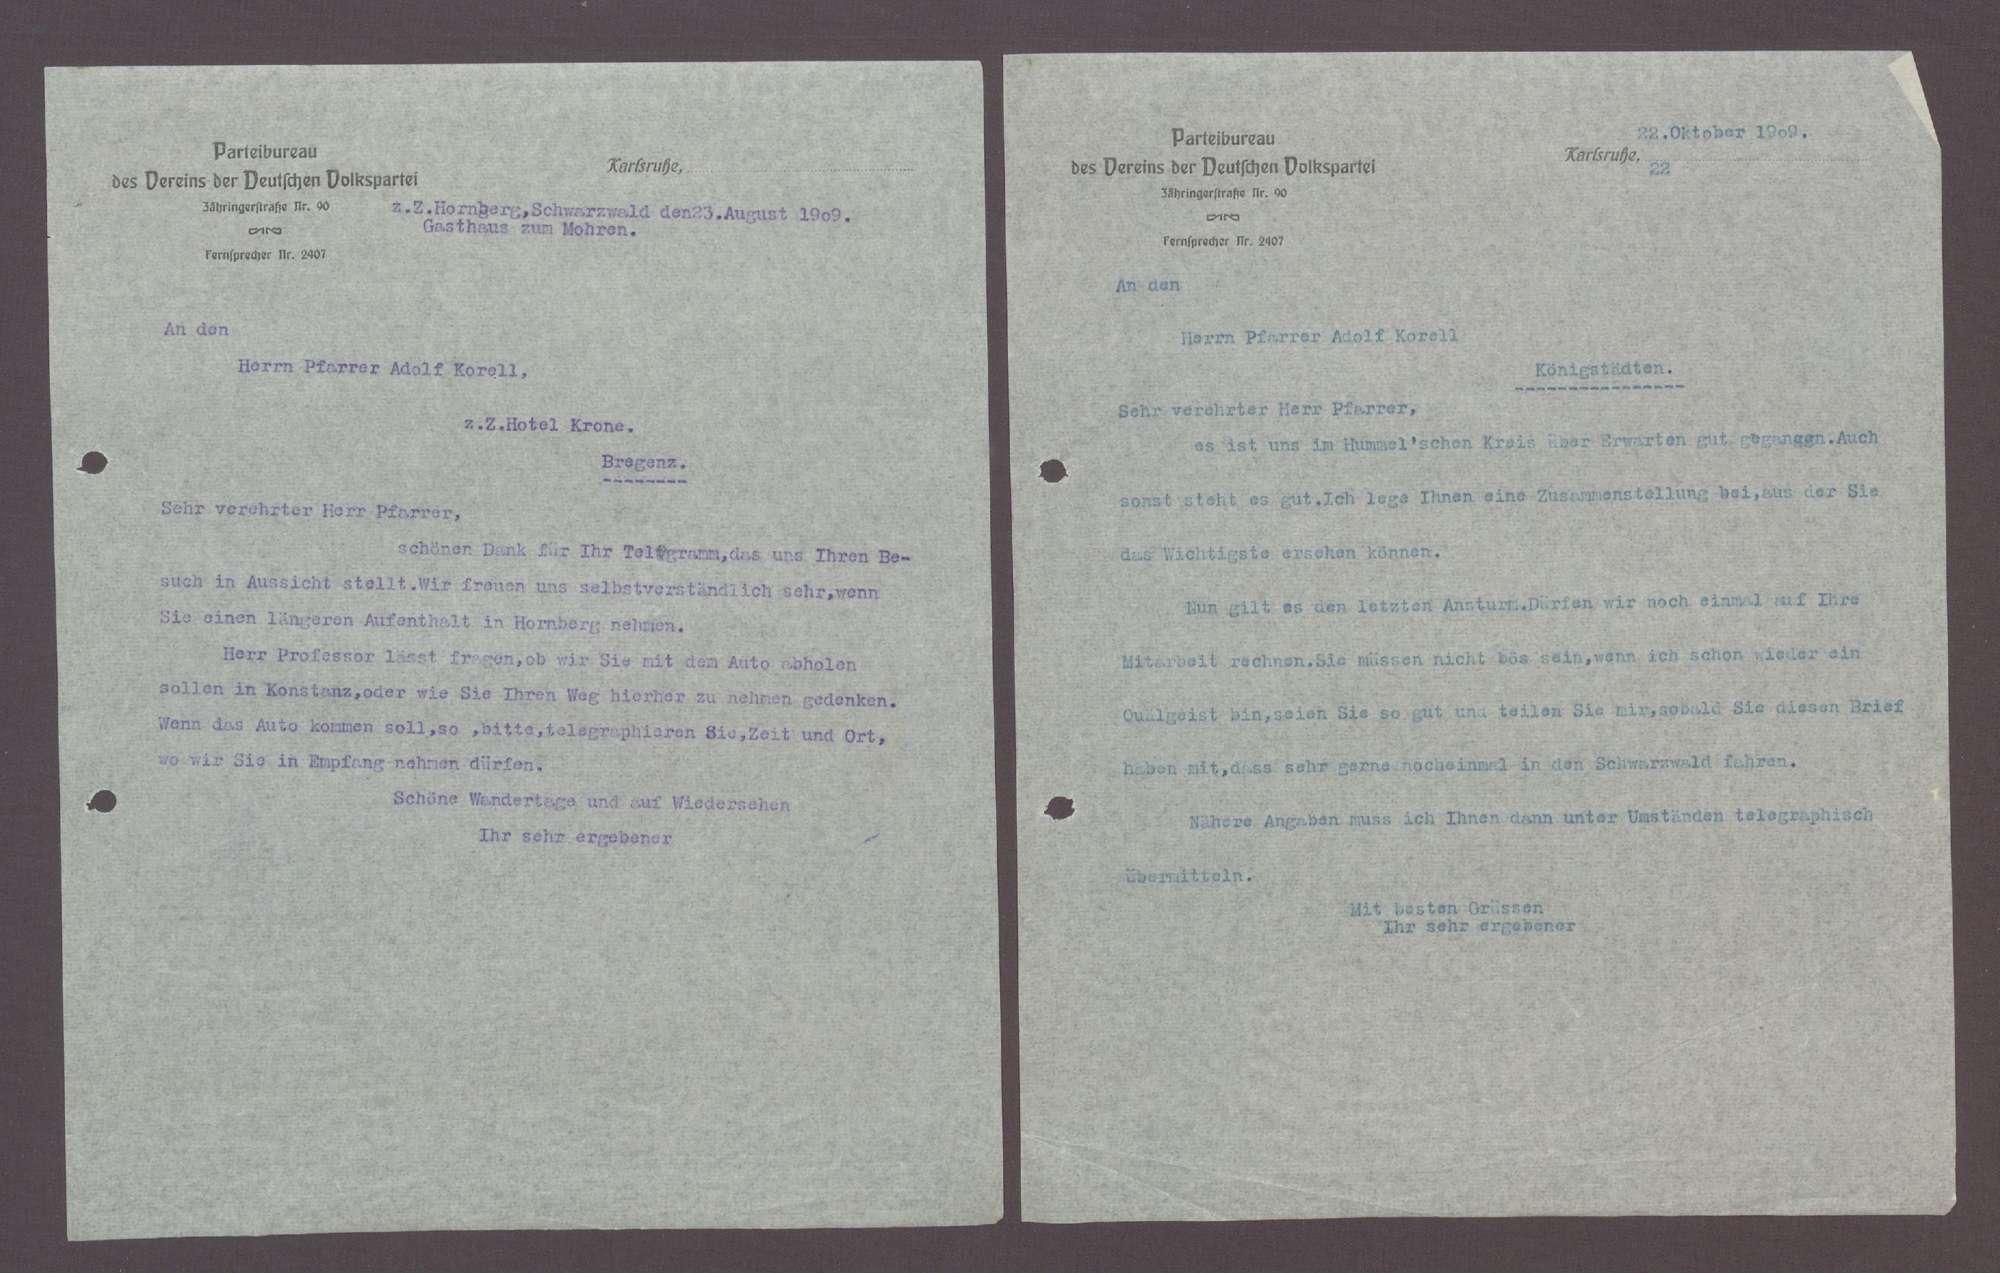 Schreiben von Otto Ernst Sutter an Adolf Korell, Pfarrer, Bregenz: Wahlkampfauftritt im 26. Wahlkreis, 2 Schreiben (Durchschlag), Bild 1